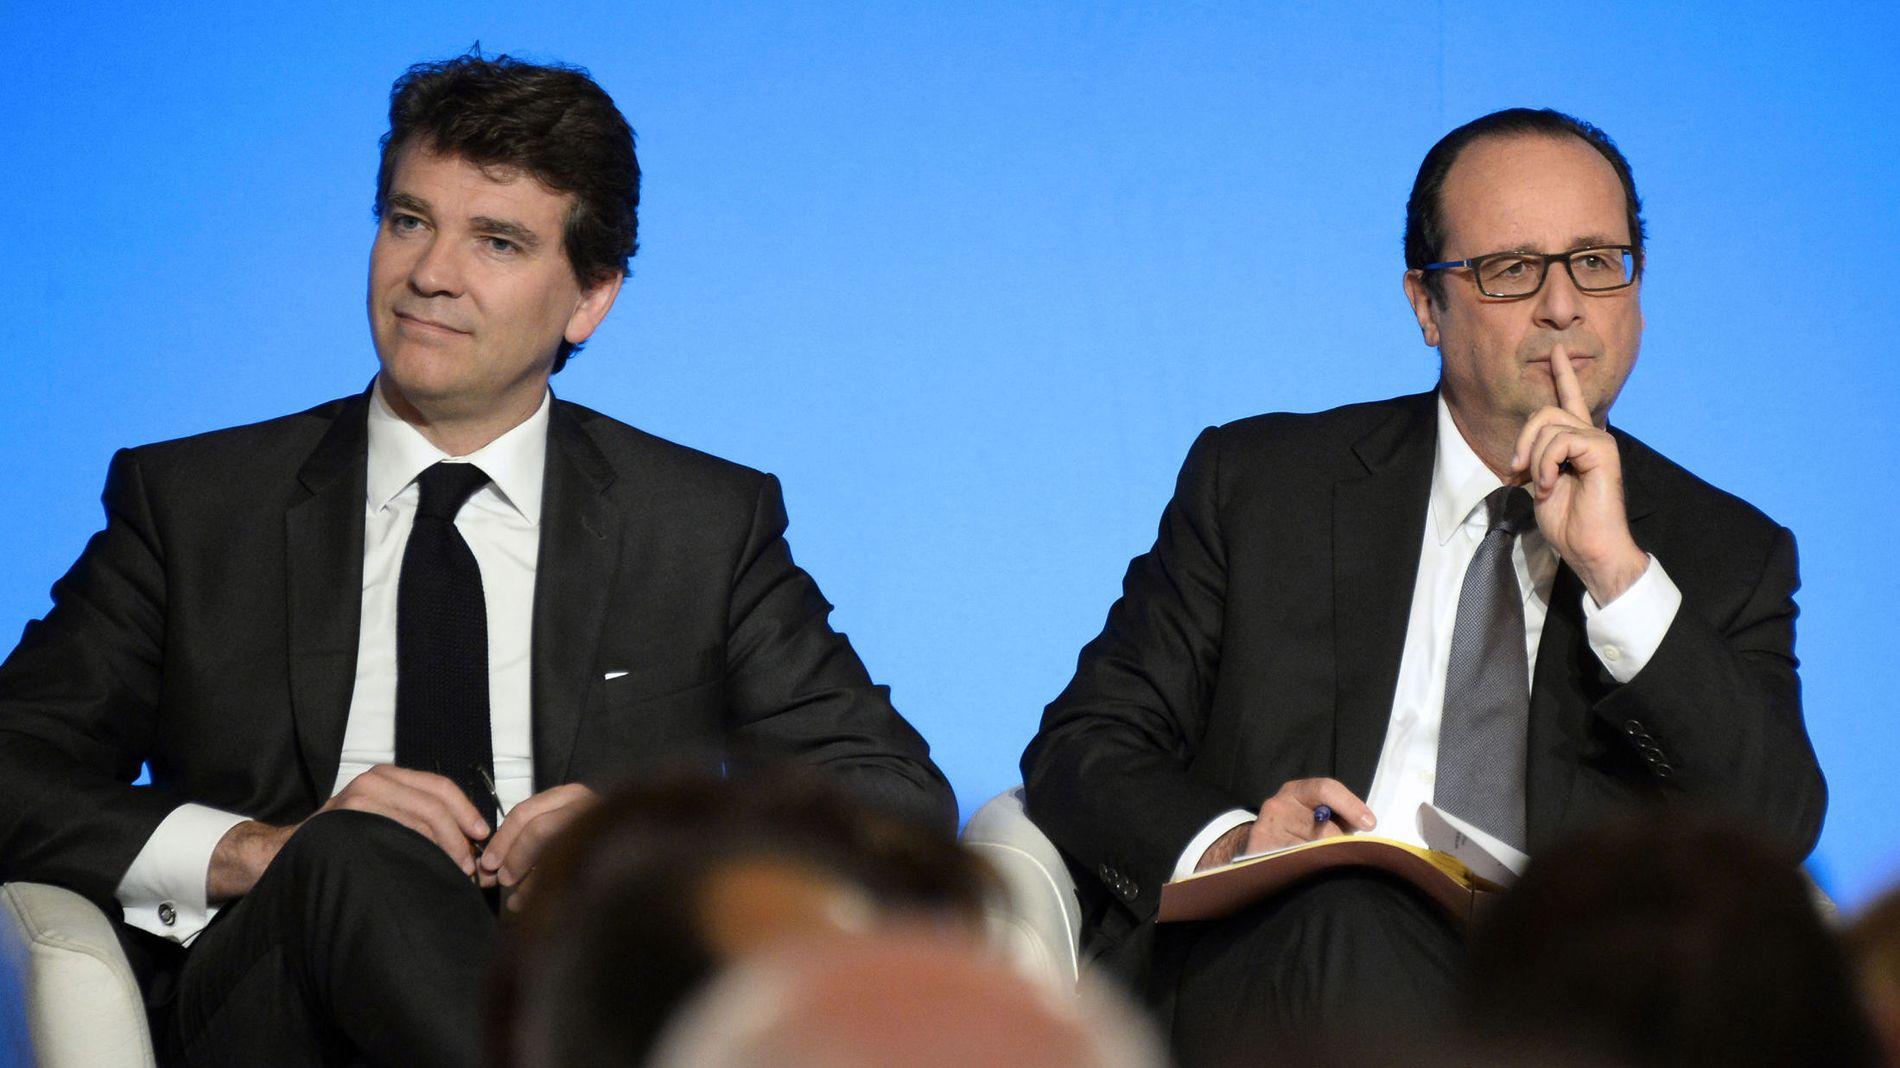 ØKONOMIMINISTEREN: Arnaud Montebourg (t.v.) krysset ifølge statsministeren en linje med sine uttalelser i helga. Her sammen med president Francois Hollande (t.h.) i juli.